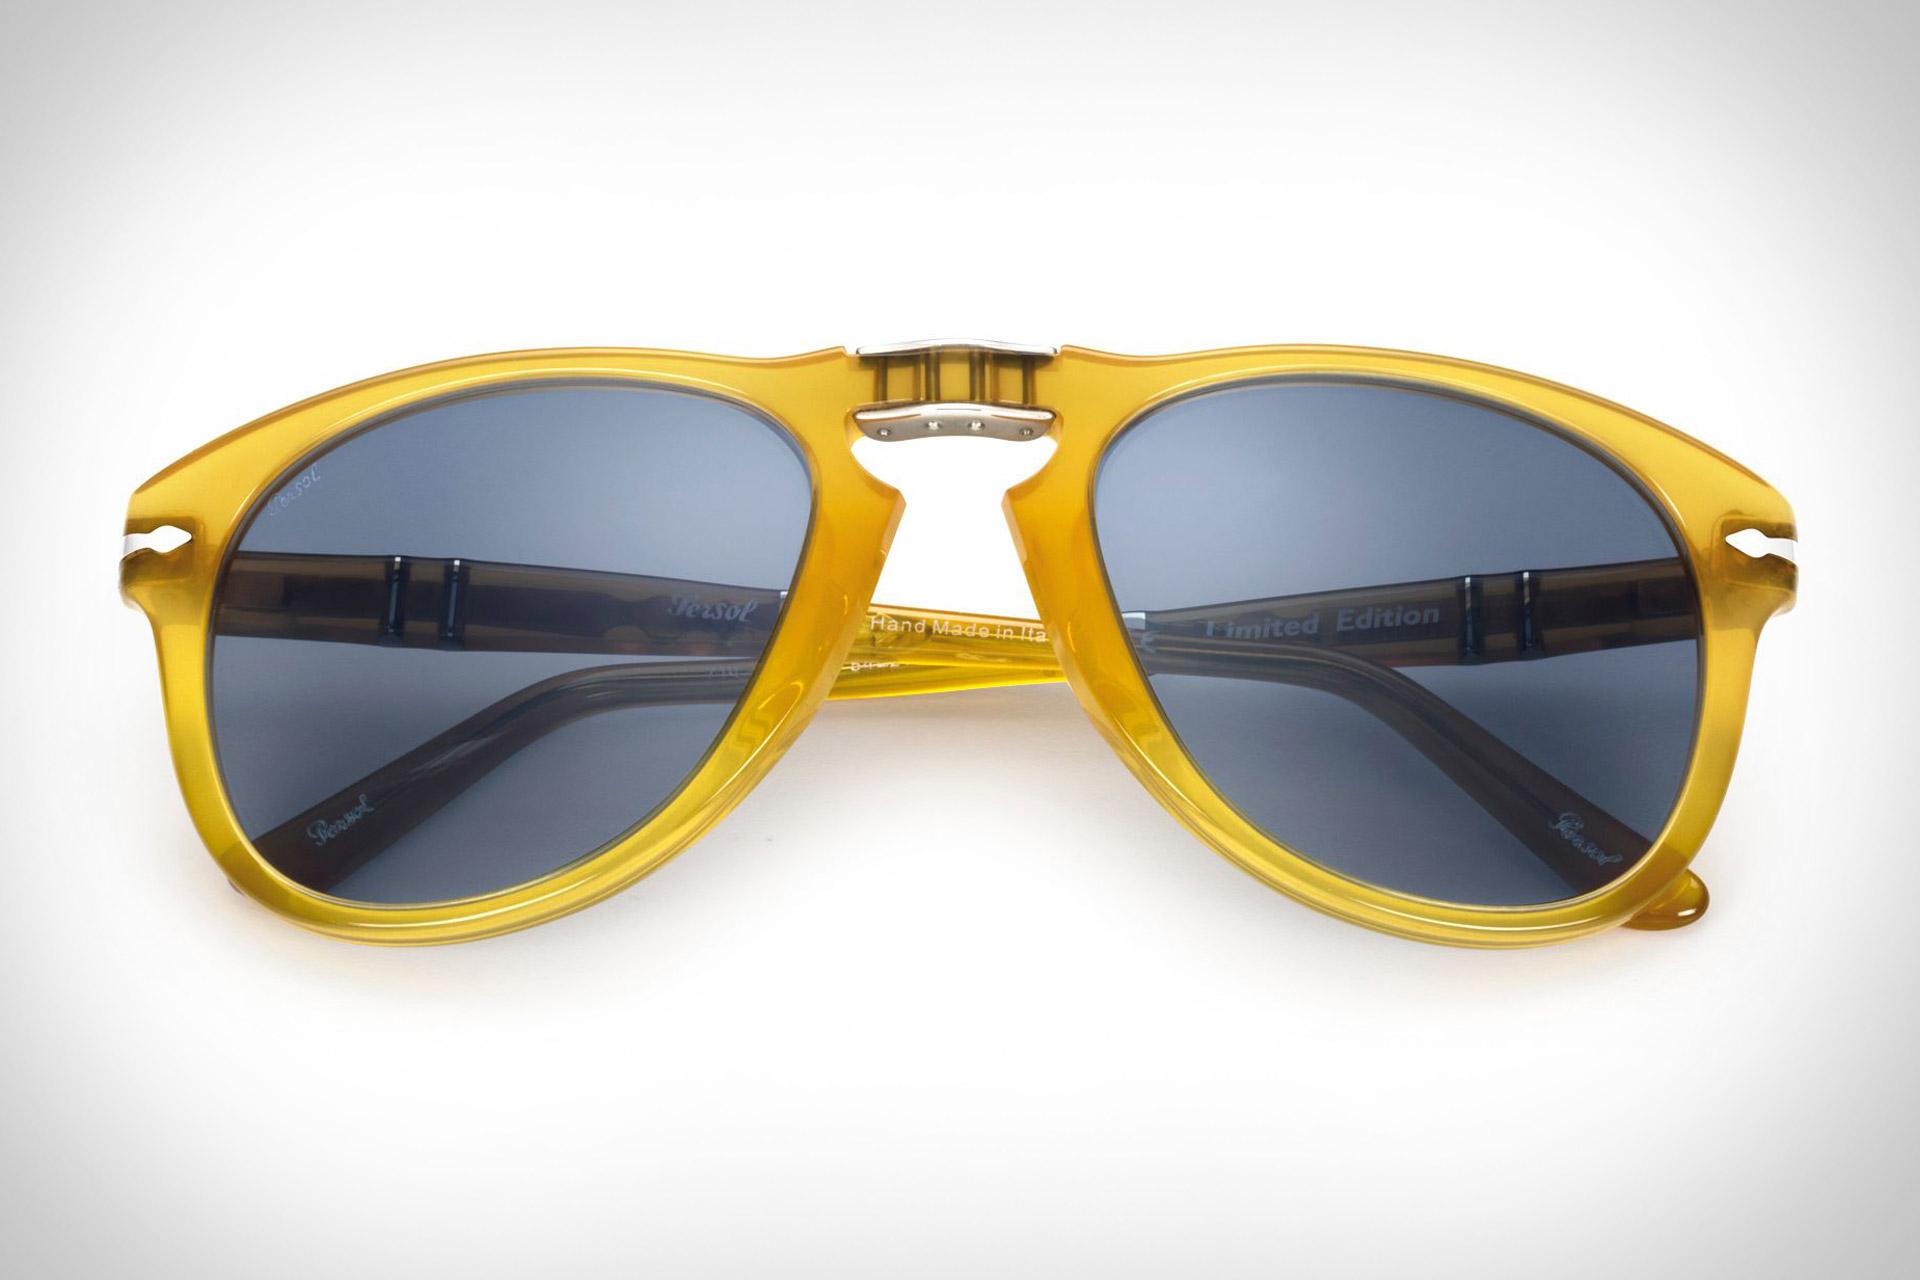 973e39d884 Persol 714 Limited Edition Sunglasses